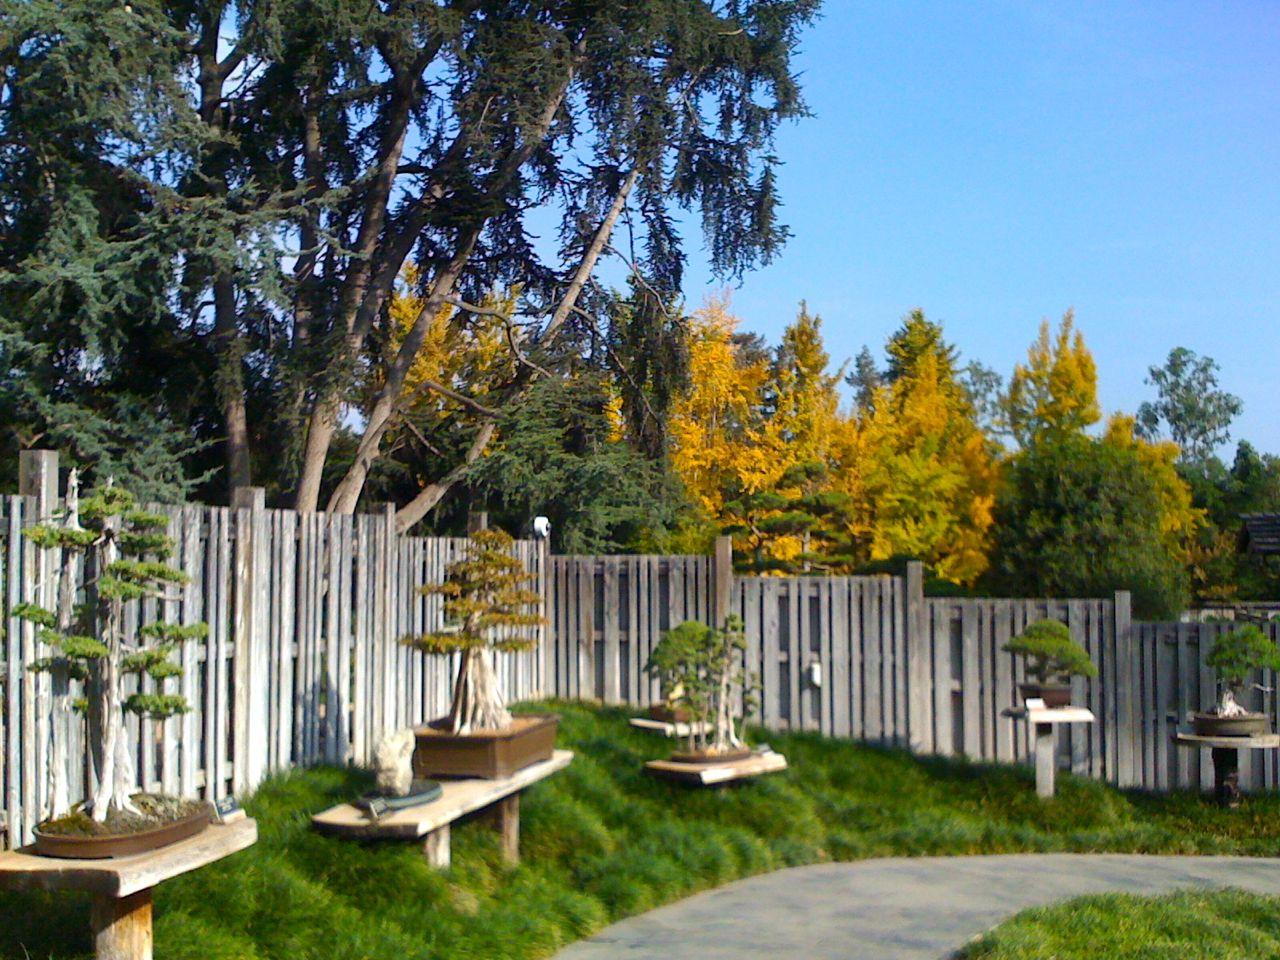 Huntington Botanical Gardens Pasadena Huntington Botanical Gardens Pasadena Jim Mcconnell